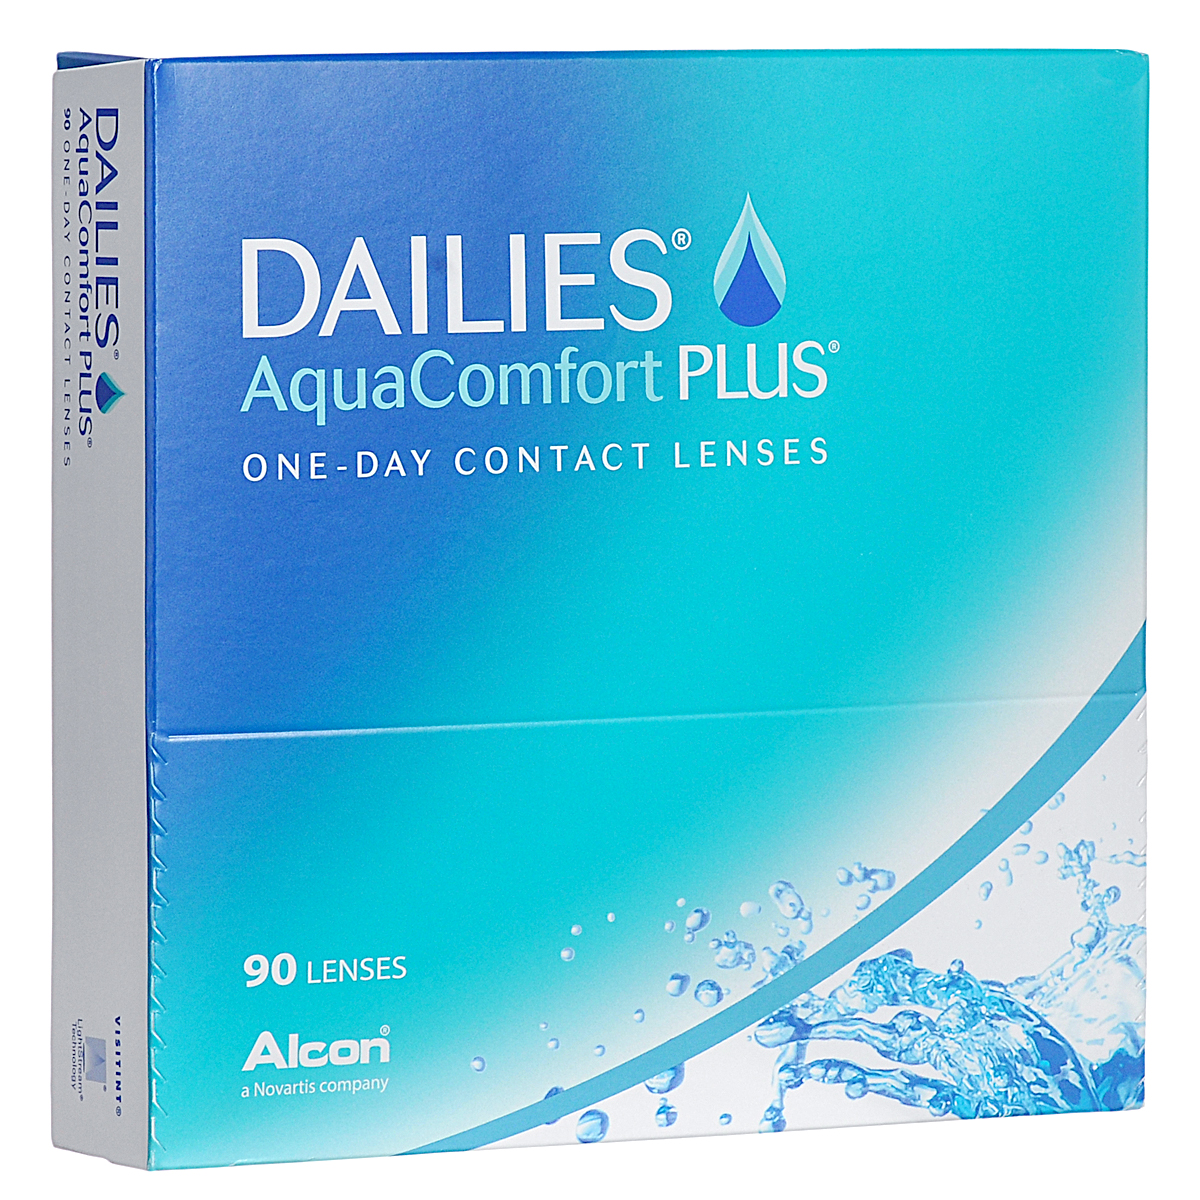 Alcon-CIBA Vision контактные линзы Dailies AquaComfort Plus (90шт / 8.7 / 14.0 / -4.00)12120Dailies AquaComfort Plus - это одни из самых популярных однодневных линз производства компании Ciba Vision. Эти линзы пользуются огромной популярностью во всем мире и являются на сегодняшний день самыми безопасными контактными линзами. Изготавливаются линзы из современного, 100% безопасного материала нелфилкон А. Особенность этого материала в том, что он легко пропускает воздух и хорошо сохраняет влагу. Однодневные контактные линзы Dailies AquaComfort Plus не нуждаются в дополнительном уходе и затратах, каждый день вы надеваете свежую пару линз. Дизайн линзы биосовместимый, что гарантирует безупречный комфорт. Самое главное достоинство Dailies AquaComfort Plus - это их уникальная система увлажнения. Благодаря этой разработке линзы увлажняются тремя различными агентами. Первый компонент, ухаживающий за линзами, находится в растворе, он как бы обволакивает линзу, обеспечивая чрезвычайно комфортное надевание. Второй агент выделяется на протяжении всего дня, он непрерывно смачивает линзы. Третий - увлажняющий агент, выделяется во время моргания, благодаря ему поддерживается постоянный комфорт. Также линзы имеют УФ-фильтр, который будет заботиться о ваших глазах. Dailies AquaComfort Plus - одни из лучших линз в своей категории. Всемирно известная компания Ciba Vision, создавая эти контактные линзы, попыталась учесть все потребности пациентов и ей это удалось! Характеристики:Материал: нелфилкон А. Кривизна: 8.7. Оптическая сила: - 4.00. Содержание воды: 69%. Диаметр: 14,0 мм. Количество линз: 90 шт. Размер упаковки: 15 см х 5 см х 3 см. Производитель: США. Товар сертифицирован.Контактные линзы или очки: советы офтальмологов. Статья OZON Гид